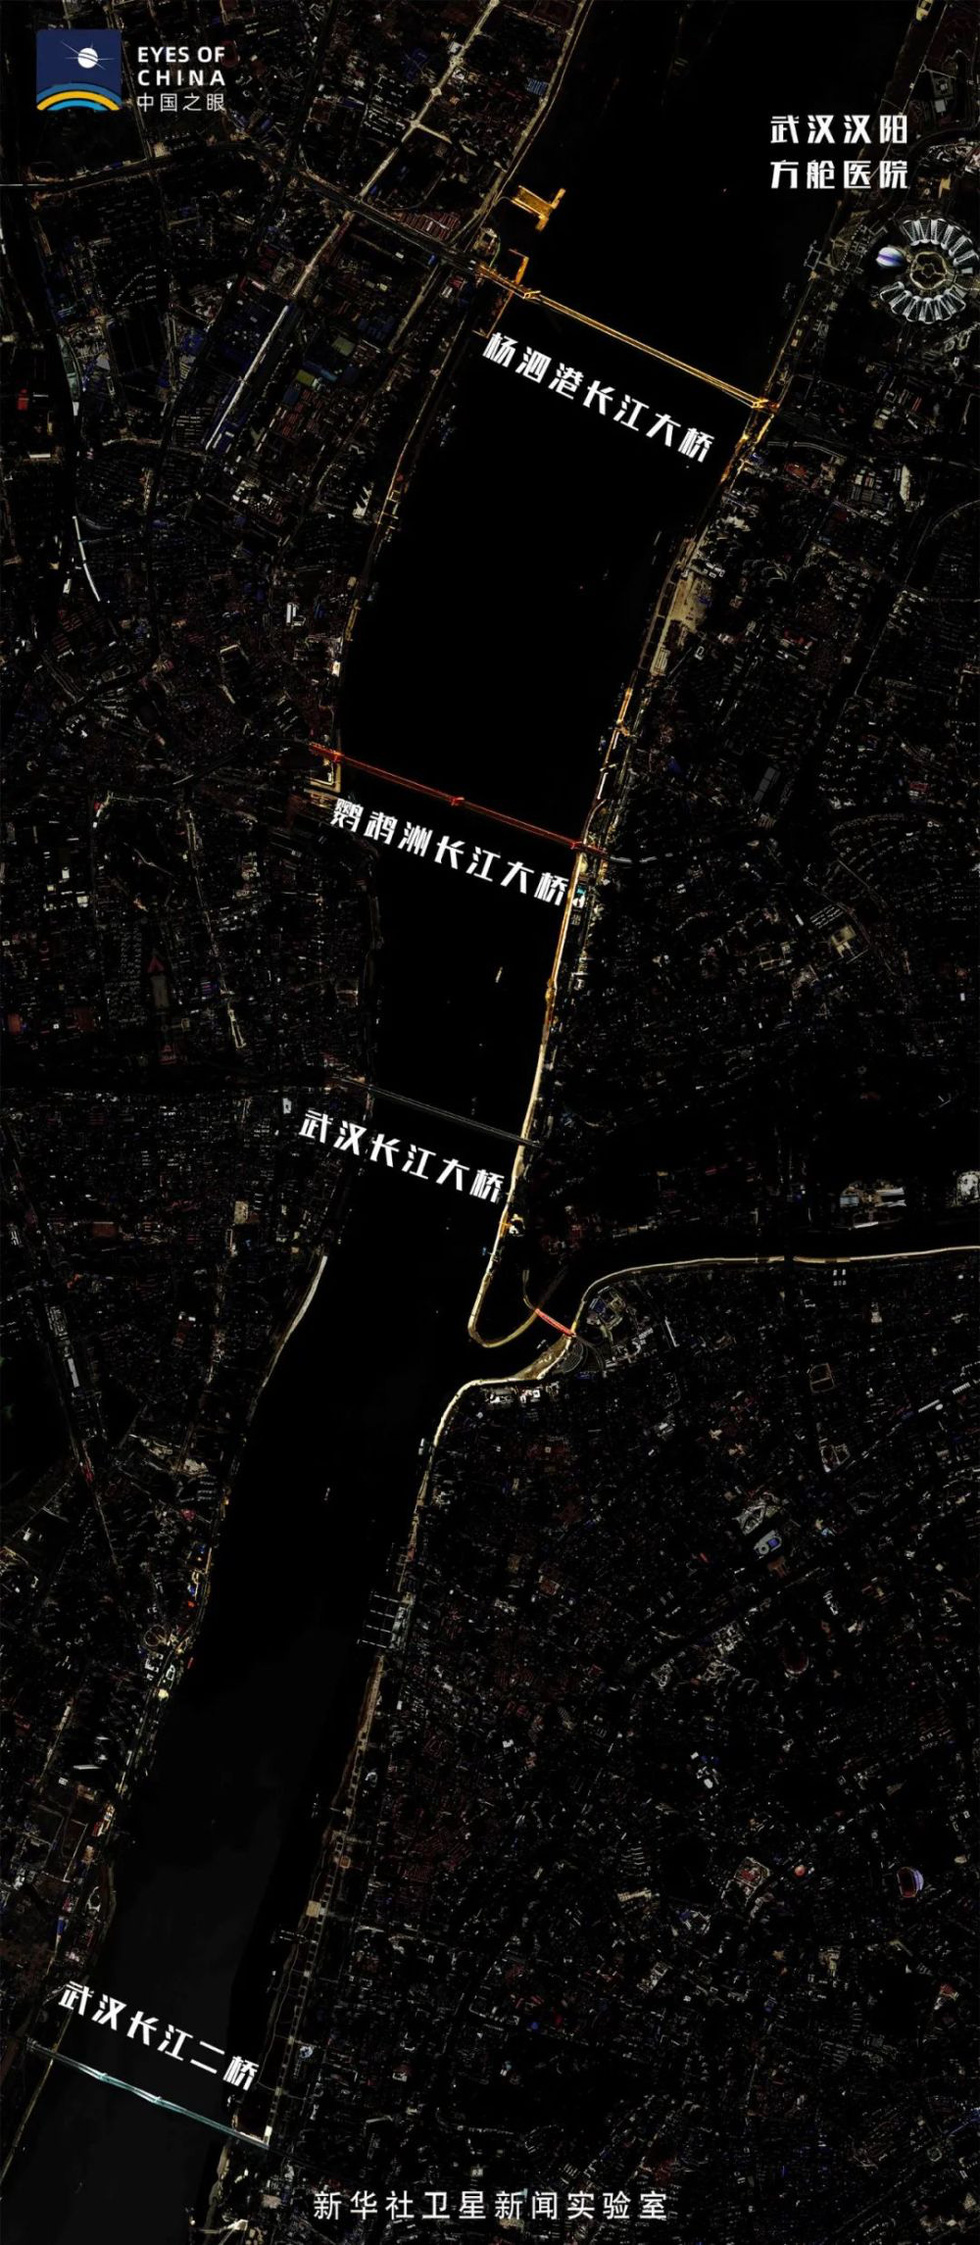 Qua ảnh vệ tinh, ngắm Vũ Hán hăng hái chiến đấu với dịch COVID-19 - Ảnh 9.